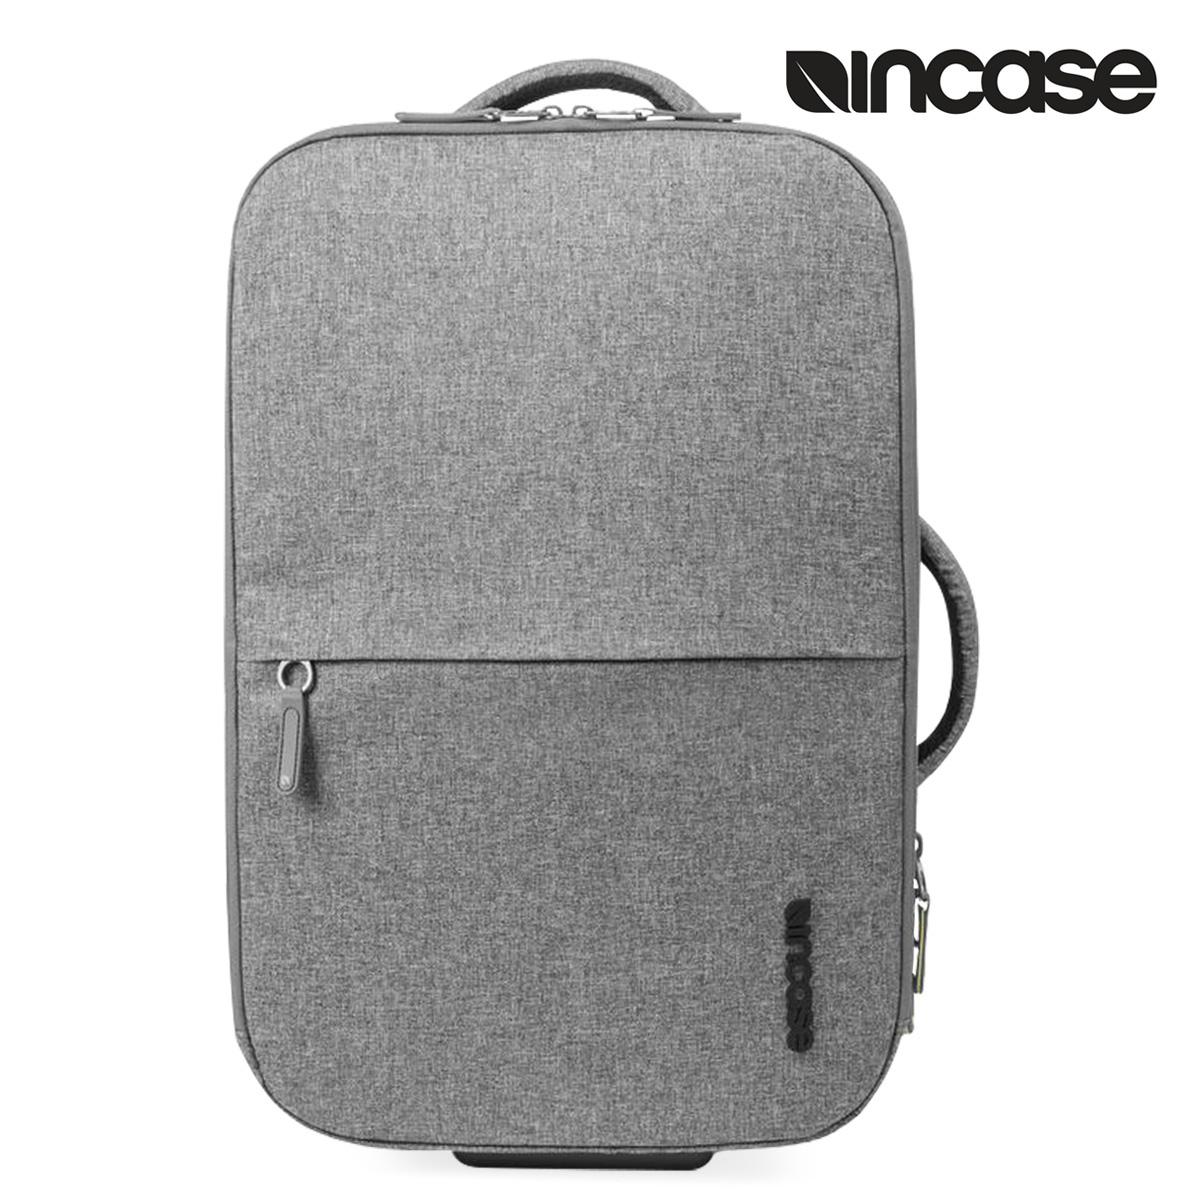 INCASE EO TRAVEL ROLLER インケース キャリーバッグ スーツケース キャリーケース バック CL90019 メンズ レディース グレー